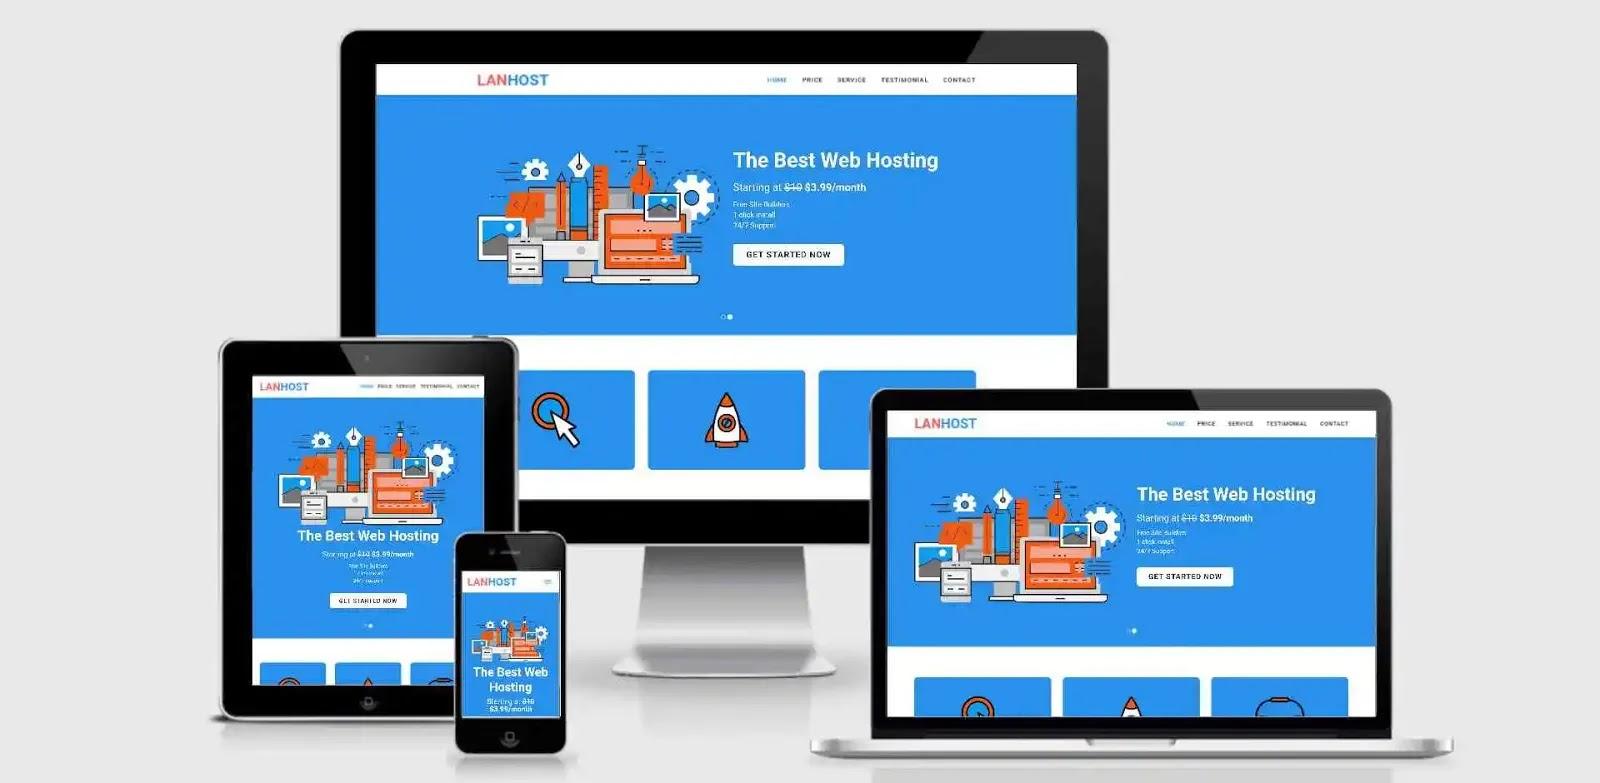 Giao Diện Website Blogspot LanHost Landing Page Giới Thiệu Công Ty